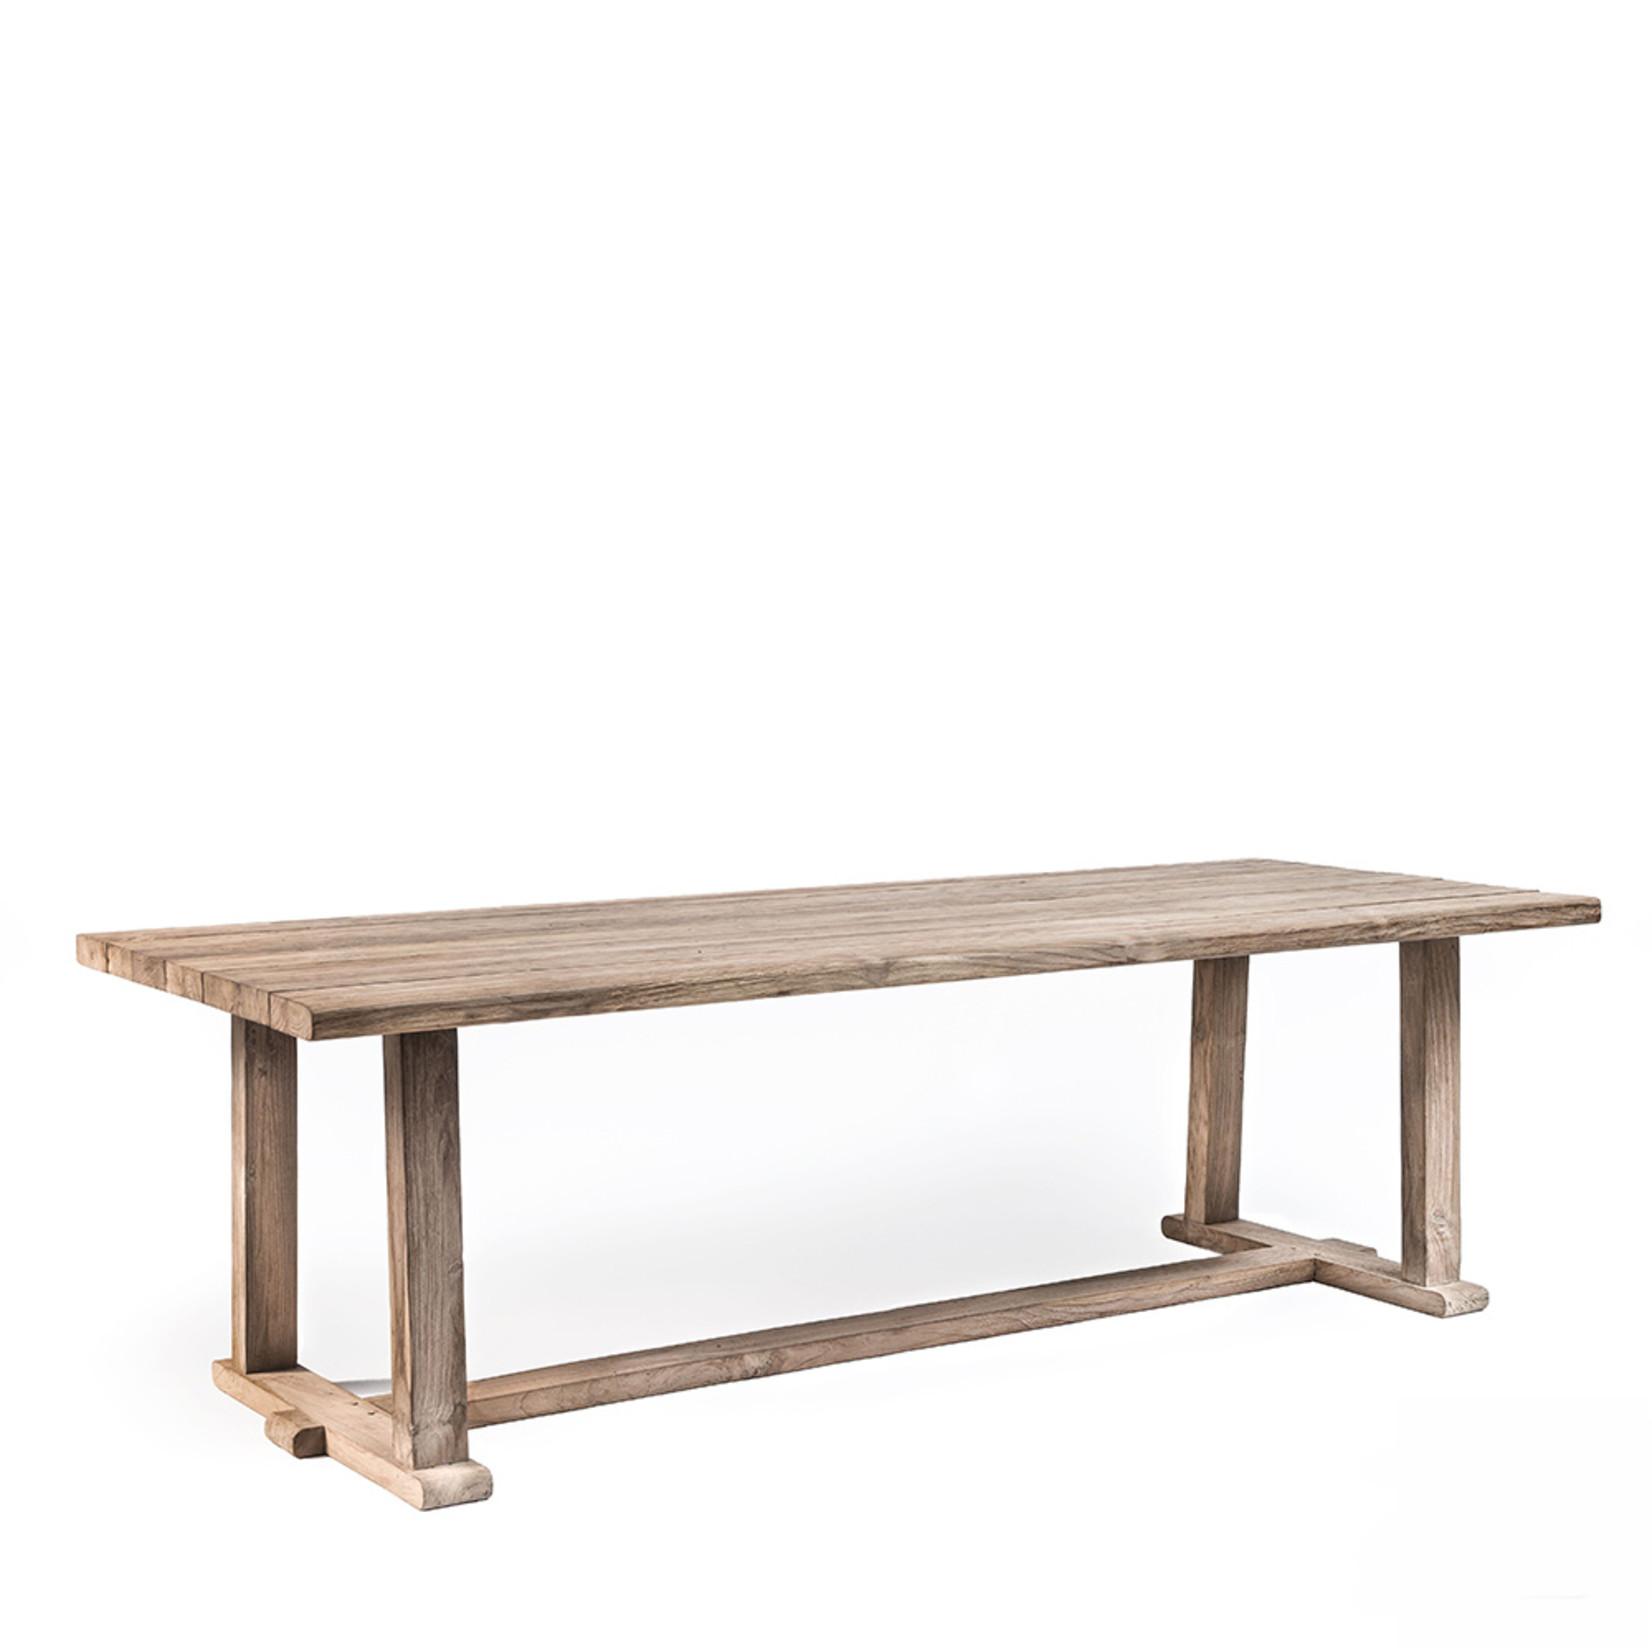 Gommaire Table Josse   Reclaimed Teak Natural Gray